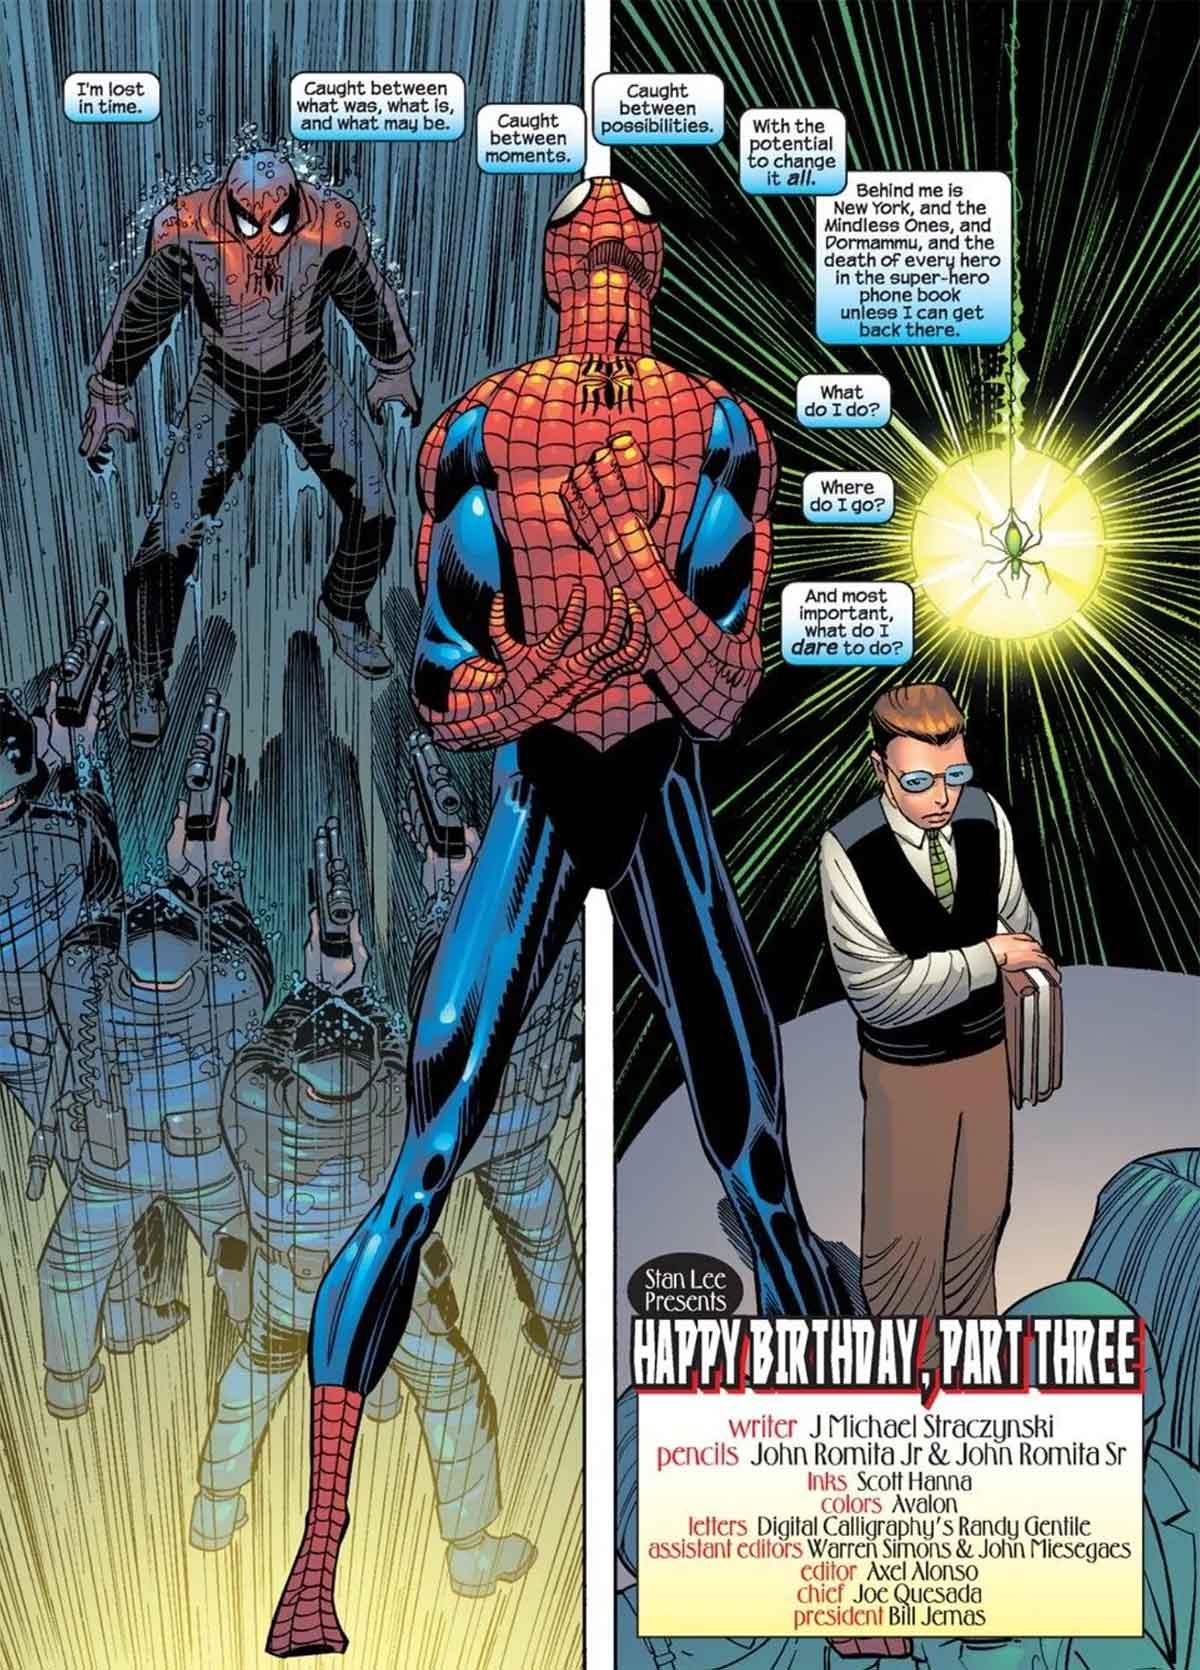 La película Spider-Man: No Way Home podría estar basada en este cómic de Marvel